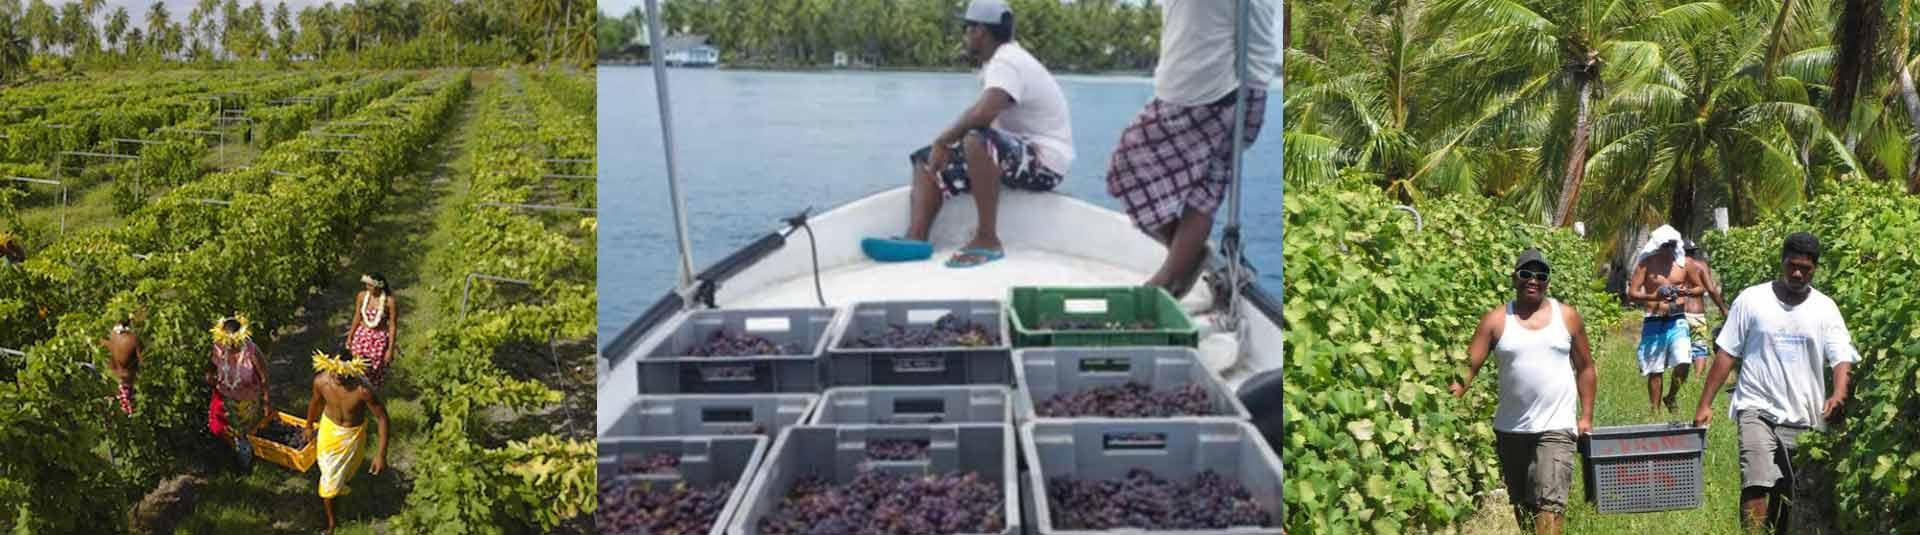 Vins de Tahiti sur l'Atoll de Rangiroa